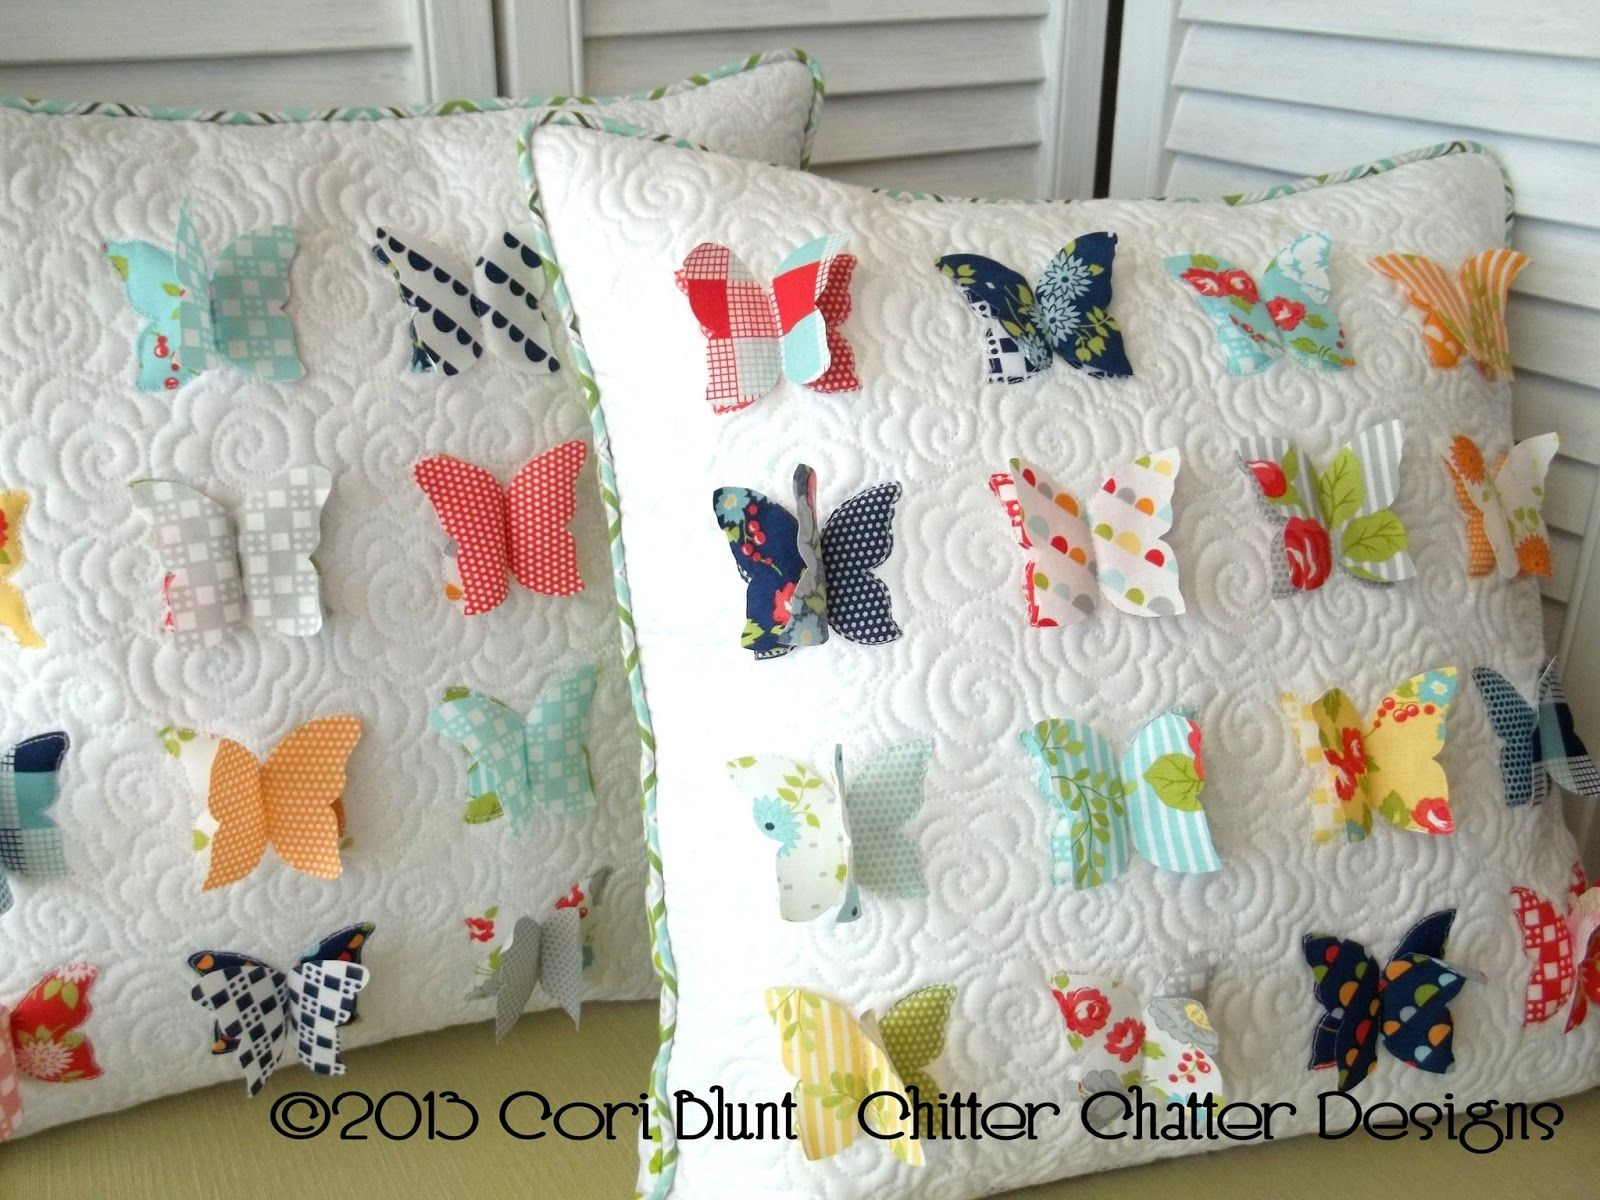 Oh Sew Retro - Chitter Chatter's All A Flutter | Pillows ... : quilt pillow patterns - Adamdwight.com